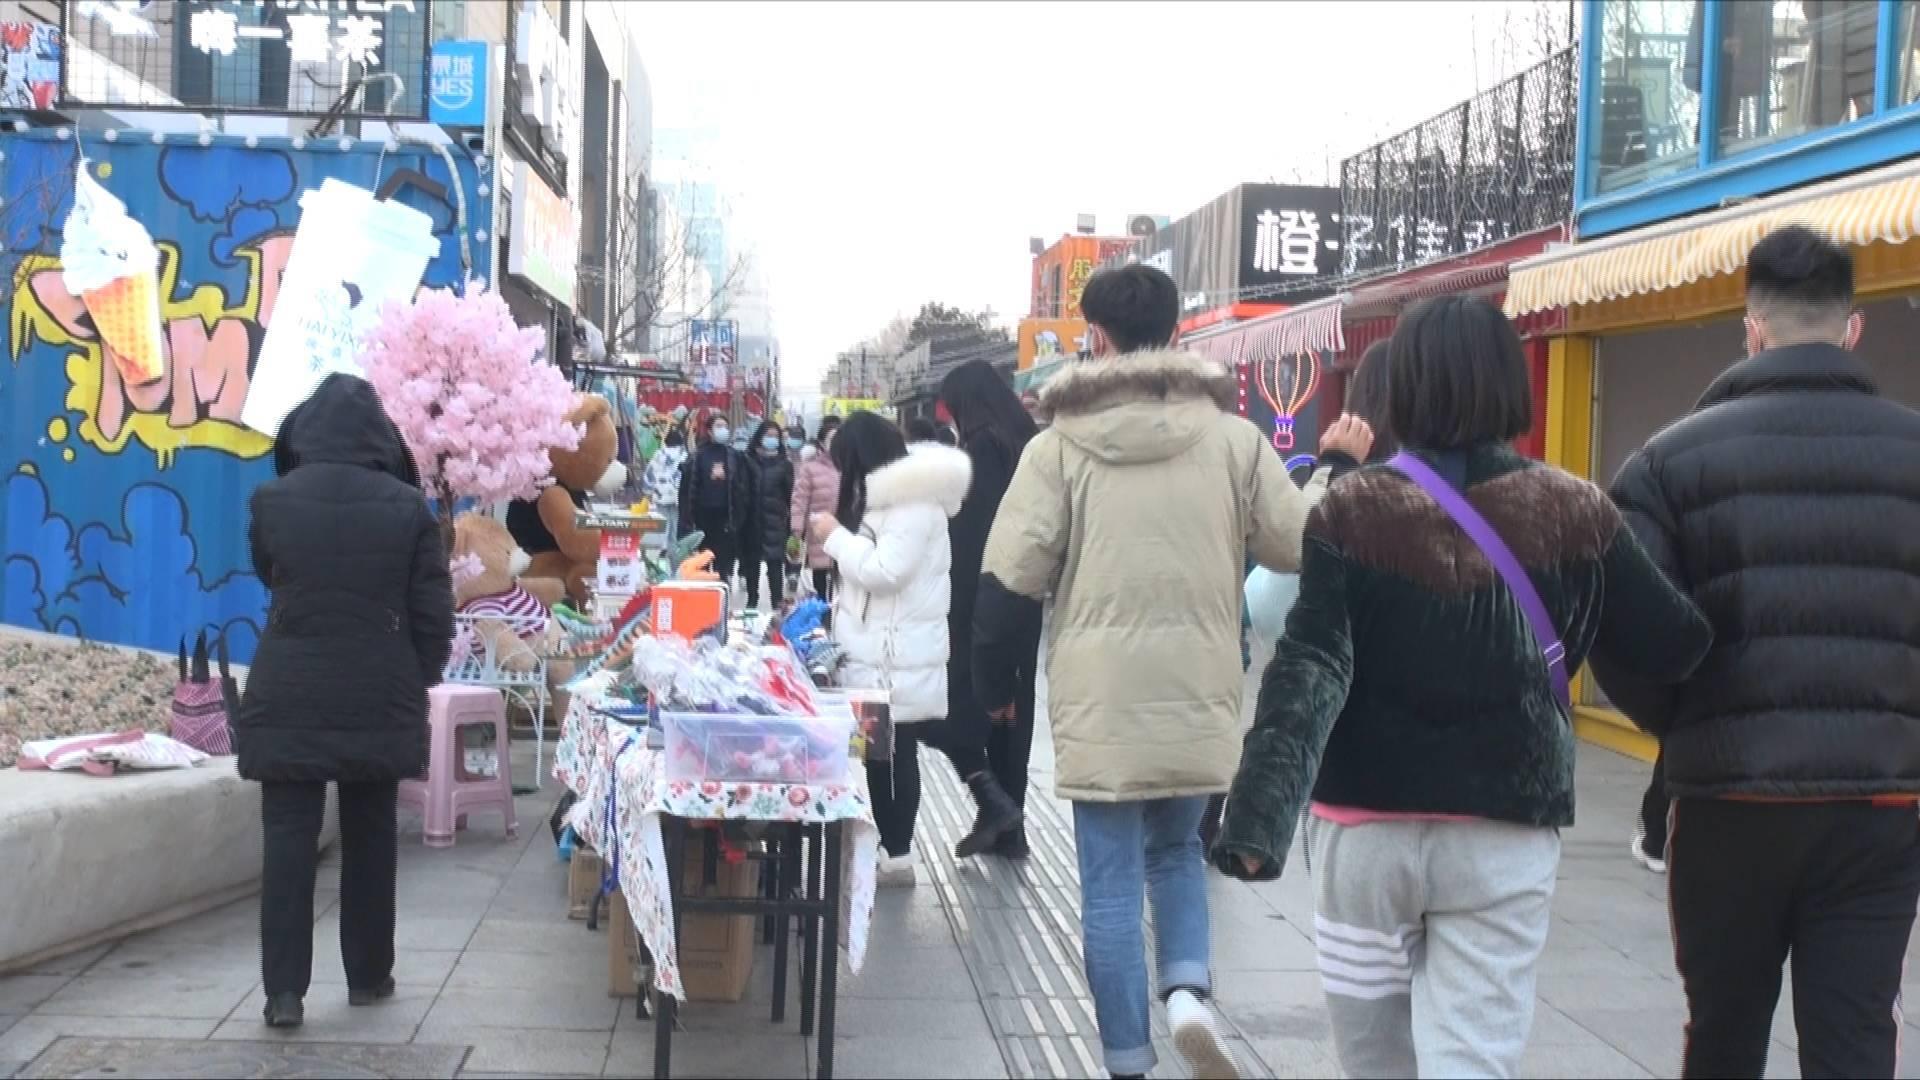 就地过年|今年春节不回家 短暂的分离是为了更好的团聚